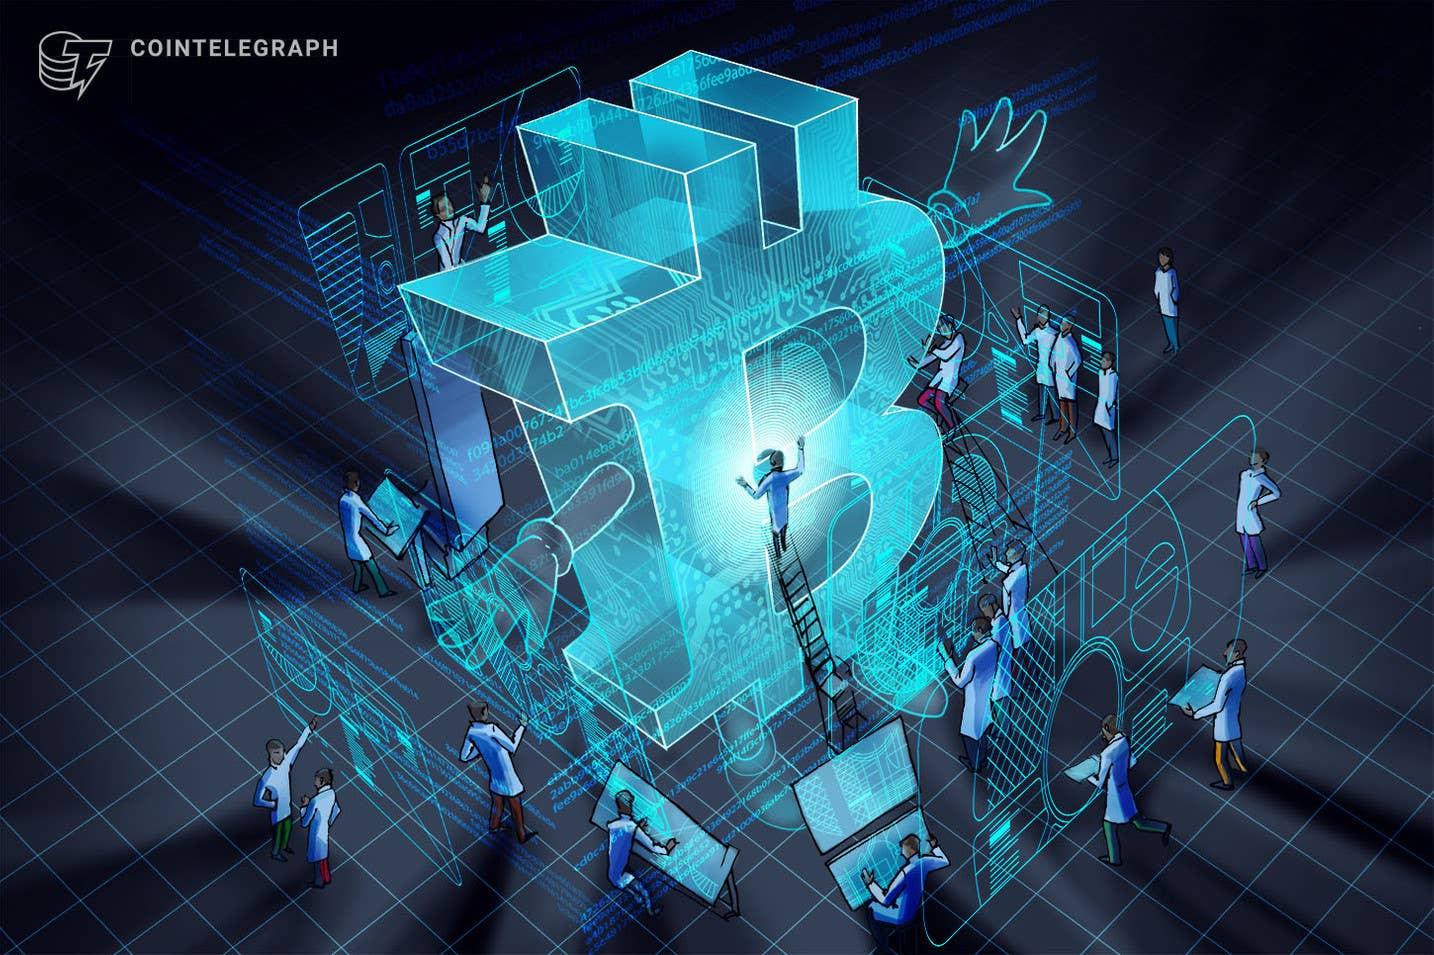 BTC kaina nukrenta iki 47 XNUMX USD, nes savaitės uždarymas puikiai seka Bitcoin ateities sandorių atotrūkį